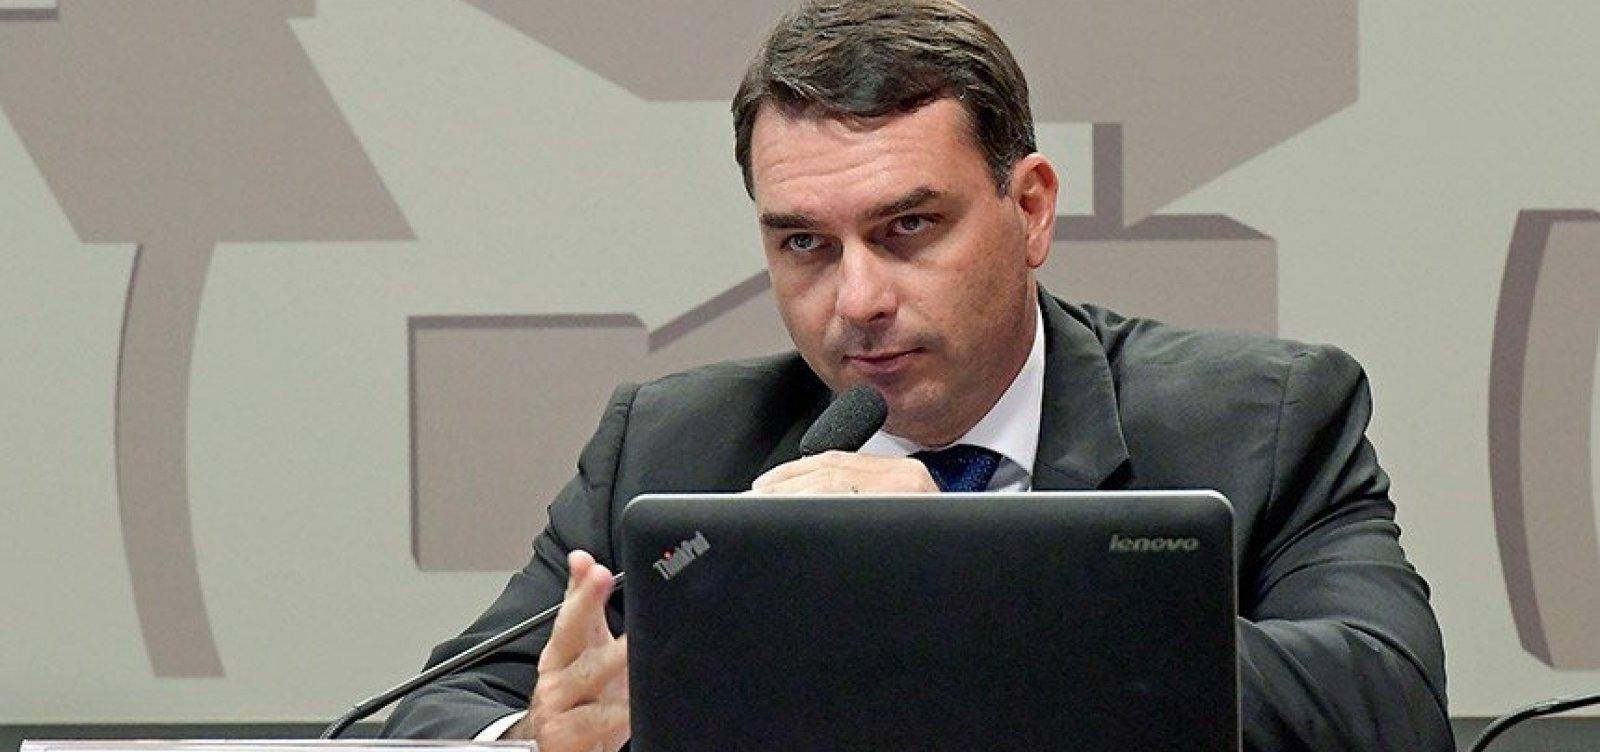 [MP vê indícios de lavagem de dinheiro em compra de imóveis por Flávio Bolsonaro]